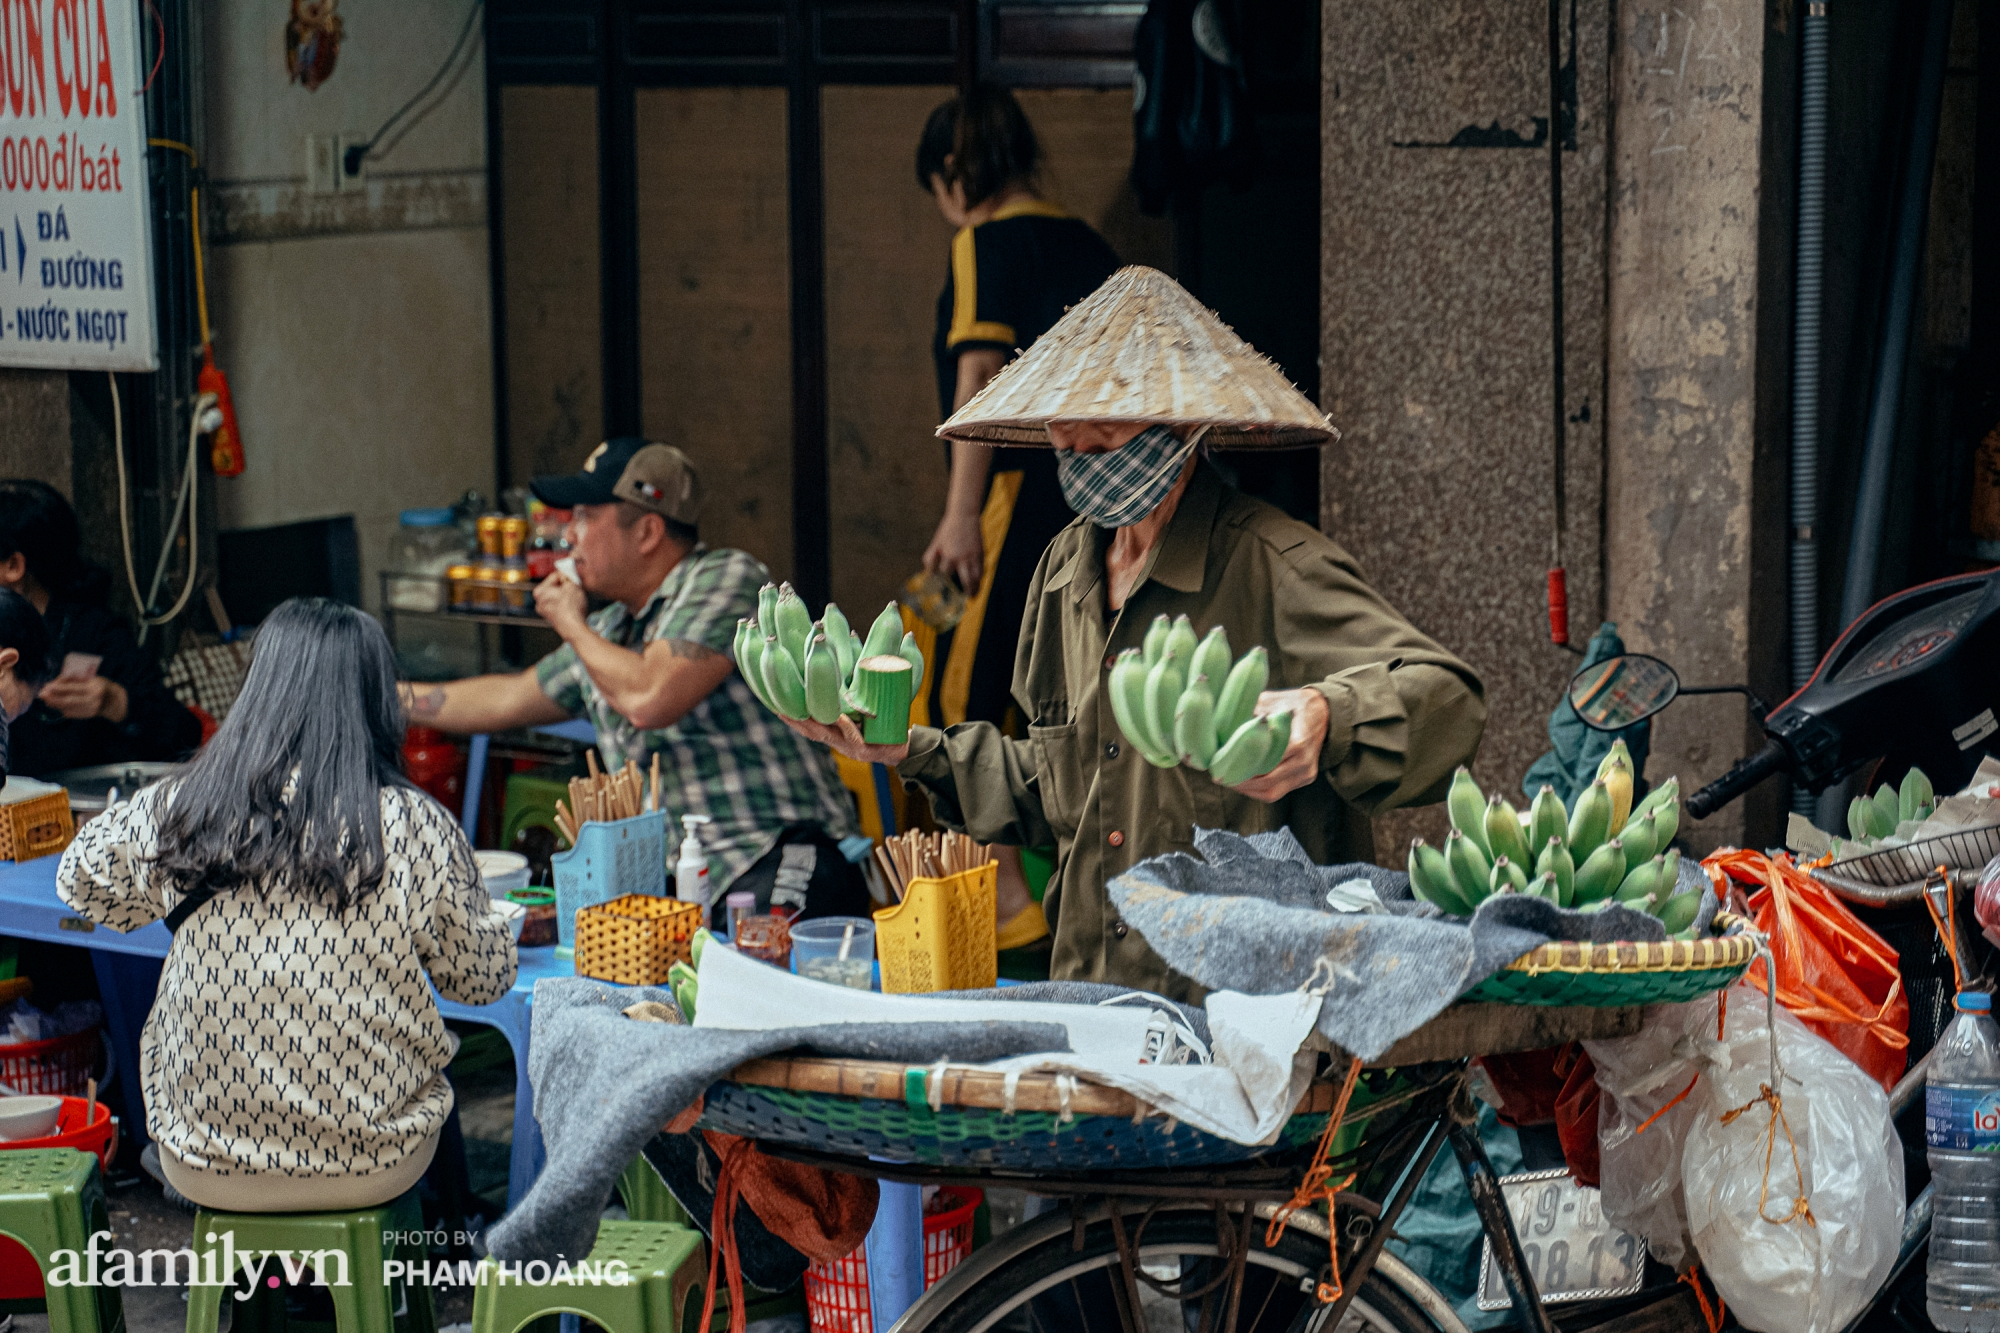 Ngày cuối năm bình yên trong ngõ chợ Thanh Hà - ngôi chợ lâu đời nhất phố cổ được giới nhà giàu chuộng mua vì toàn đồ chất lượng tươi ngon - Ảnh 11.